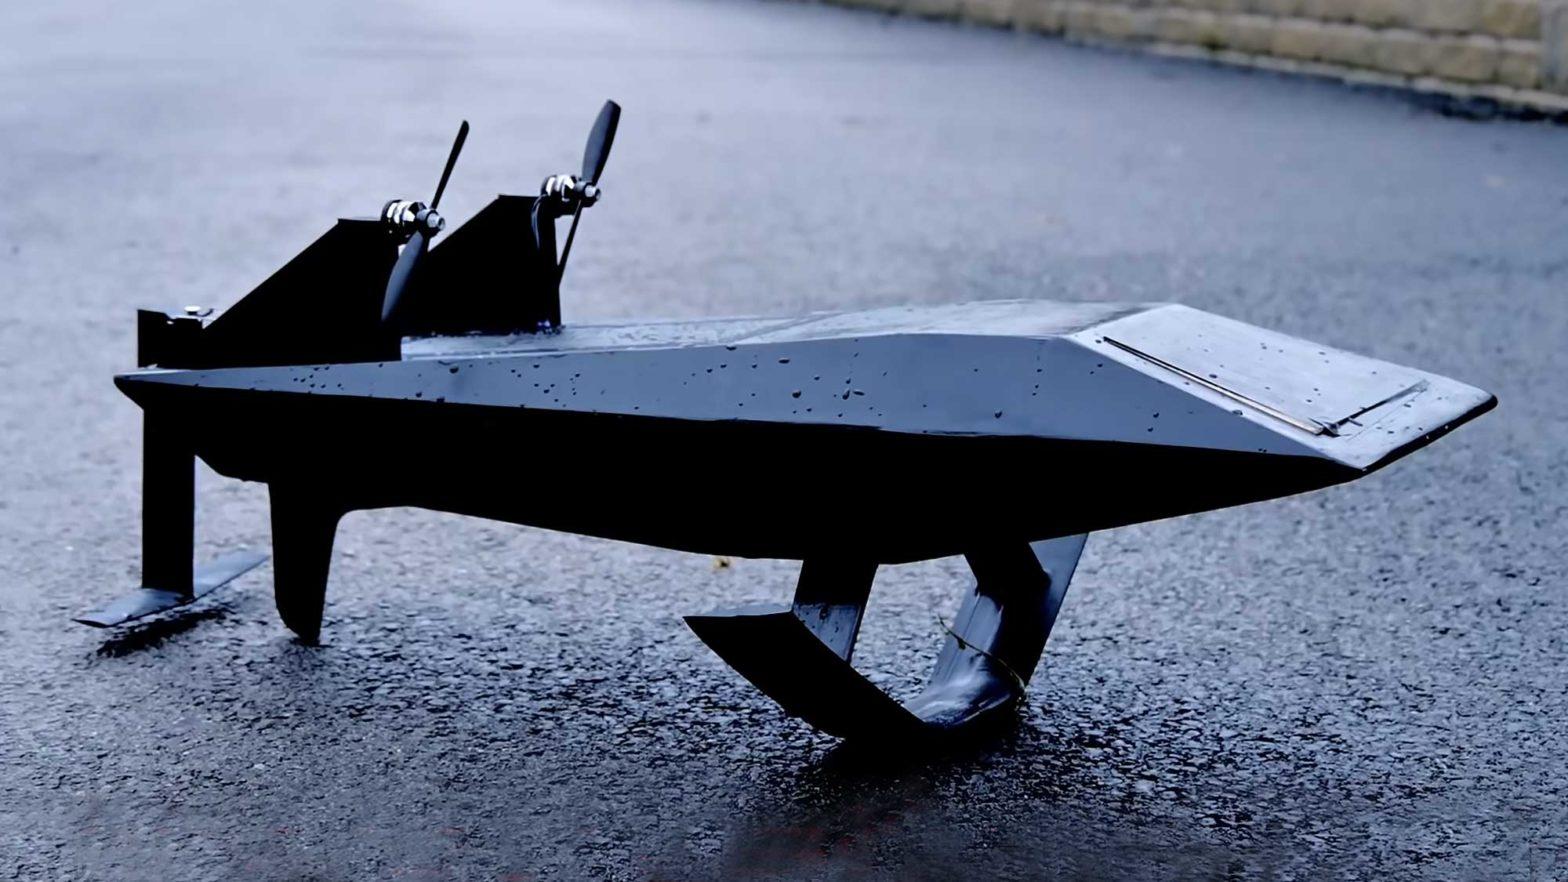 RC Hydrofoil Looks Like Cybertruck Boat